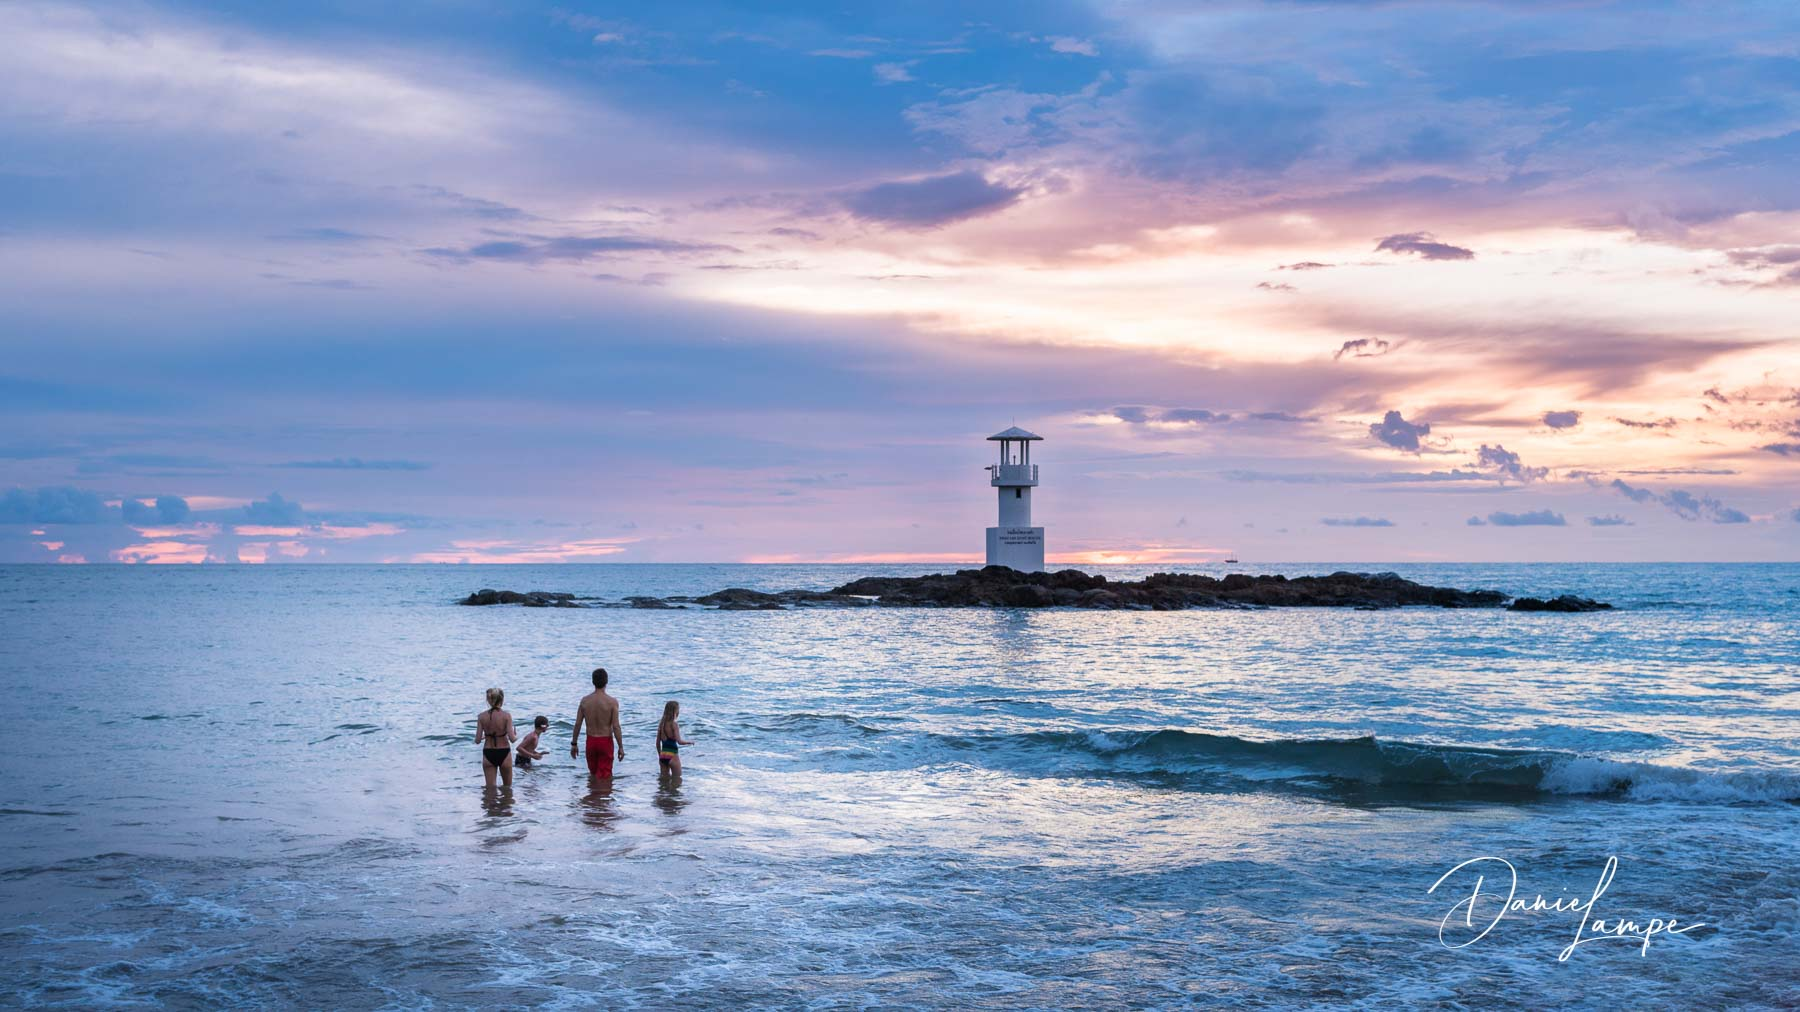 Thailand, Khao Lak, Sonnenuntergang, Meer, Leuchtturm, Baden, Familie